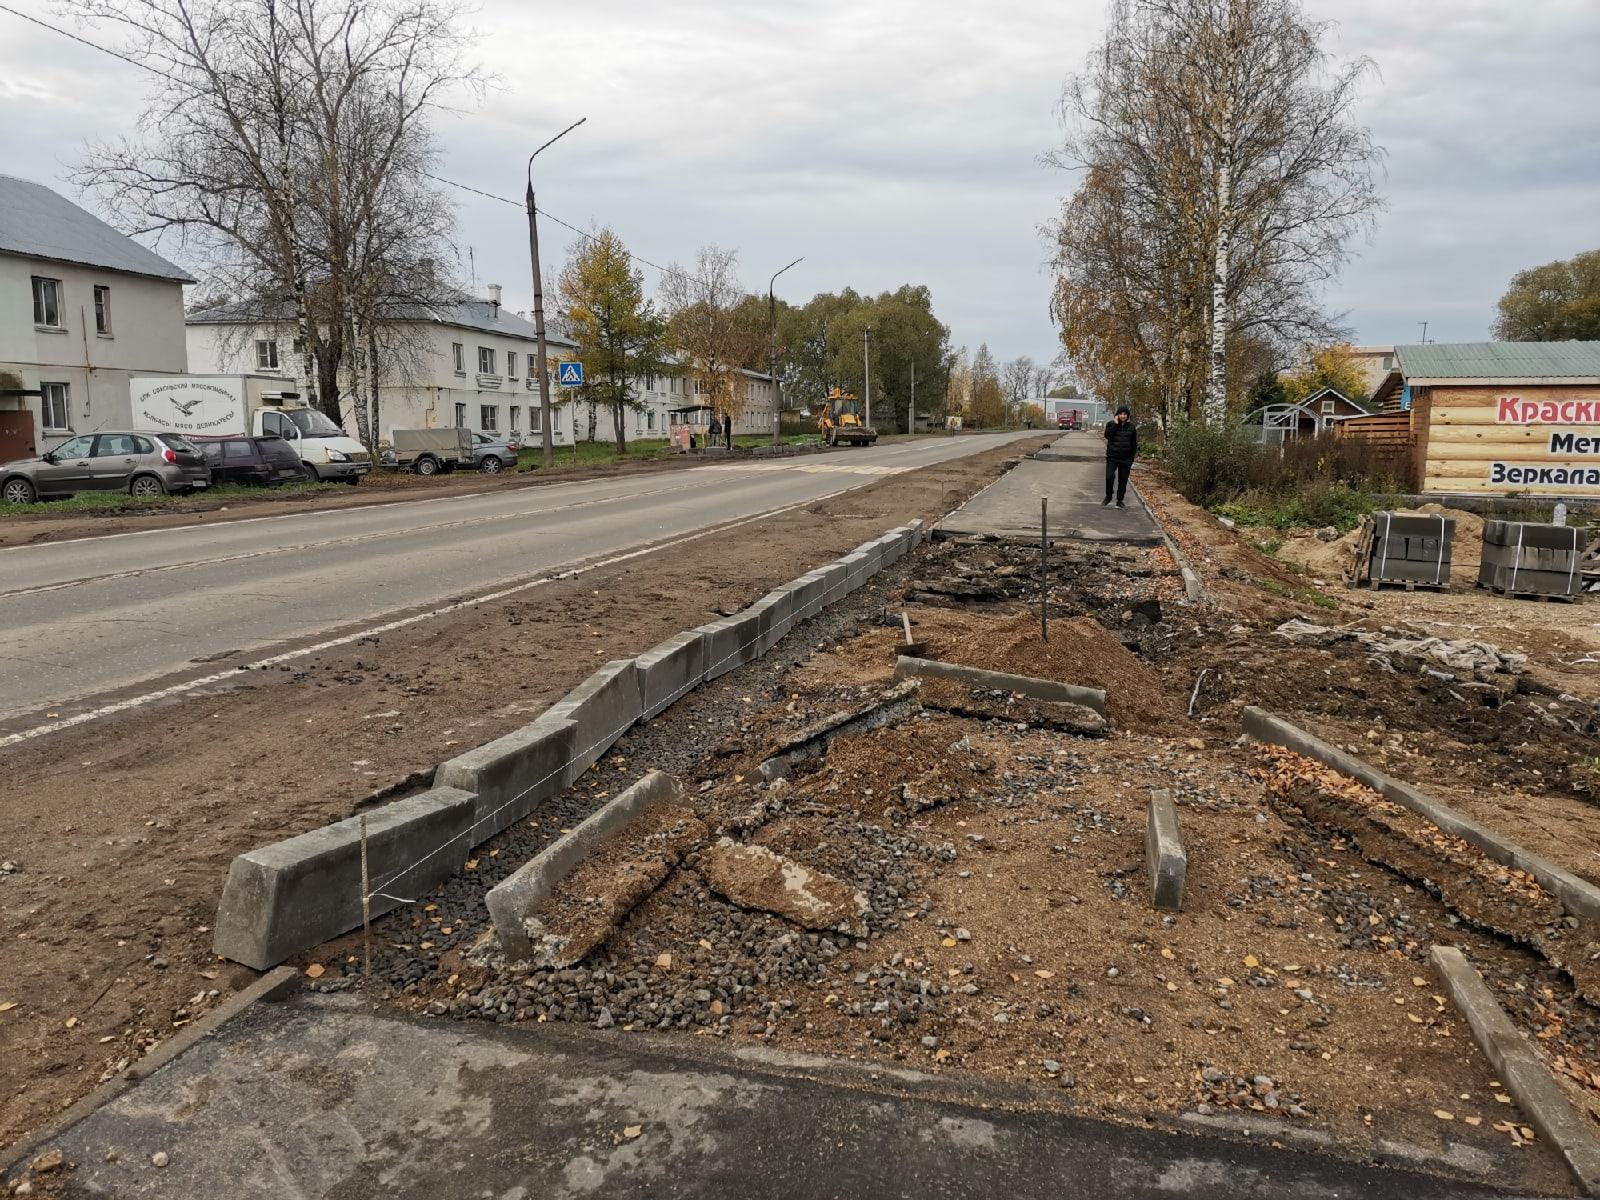 На улице Калинина в Соколе обустроят 10 новых остановочных комплексов